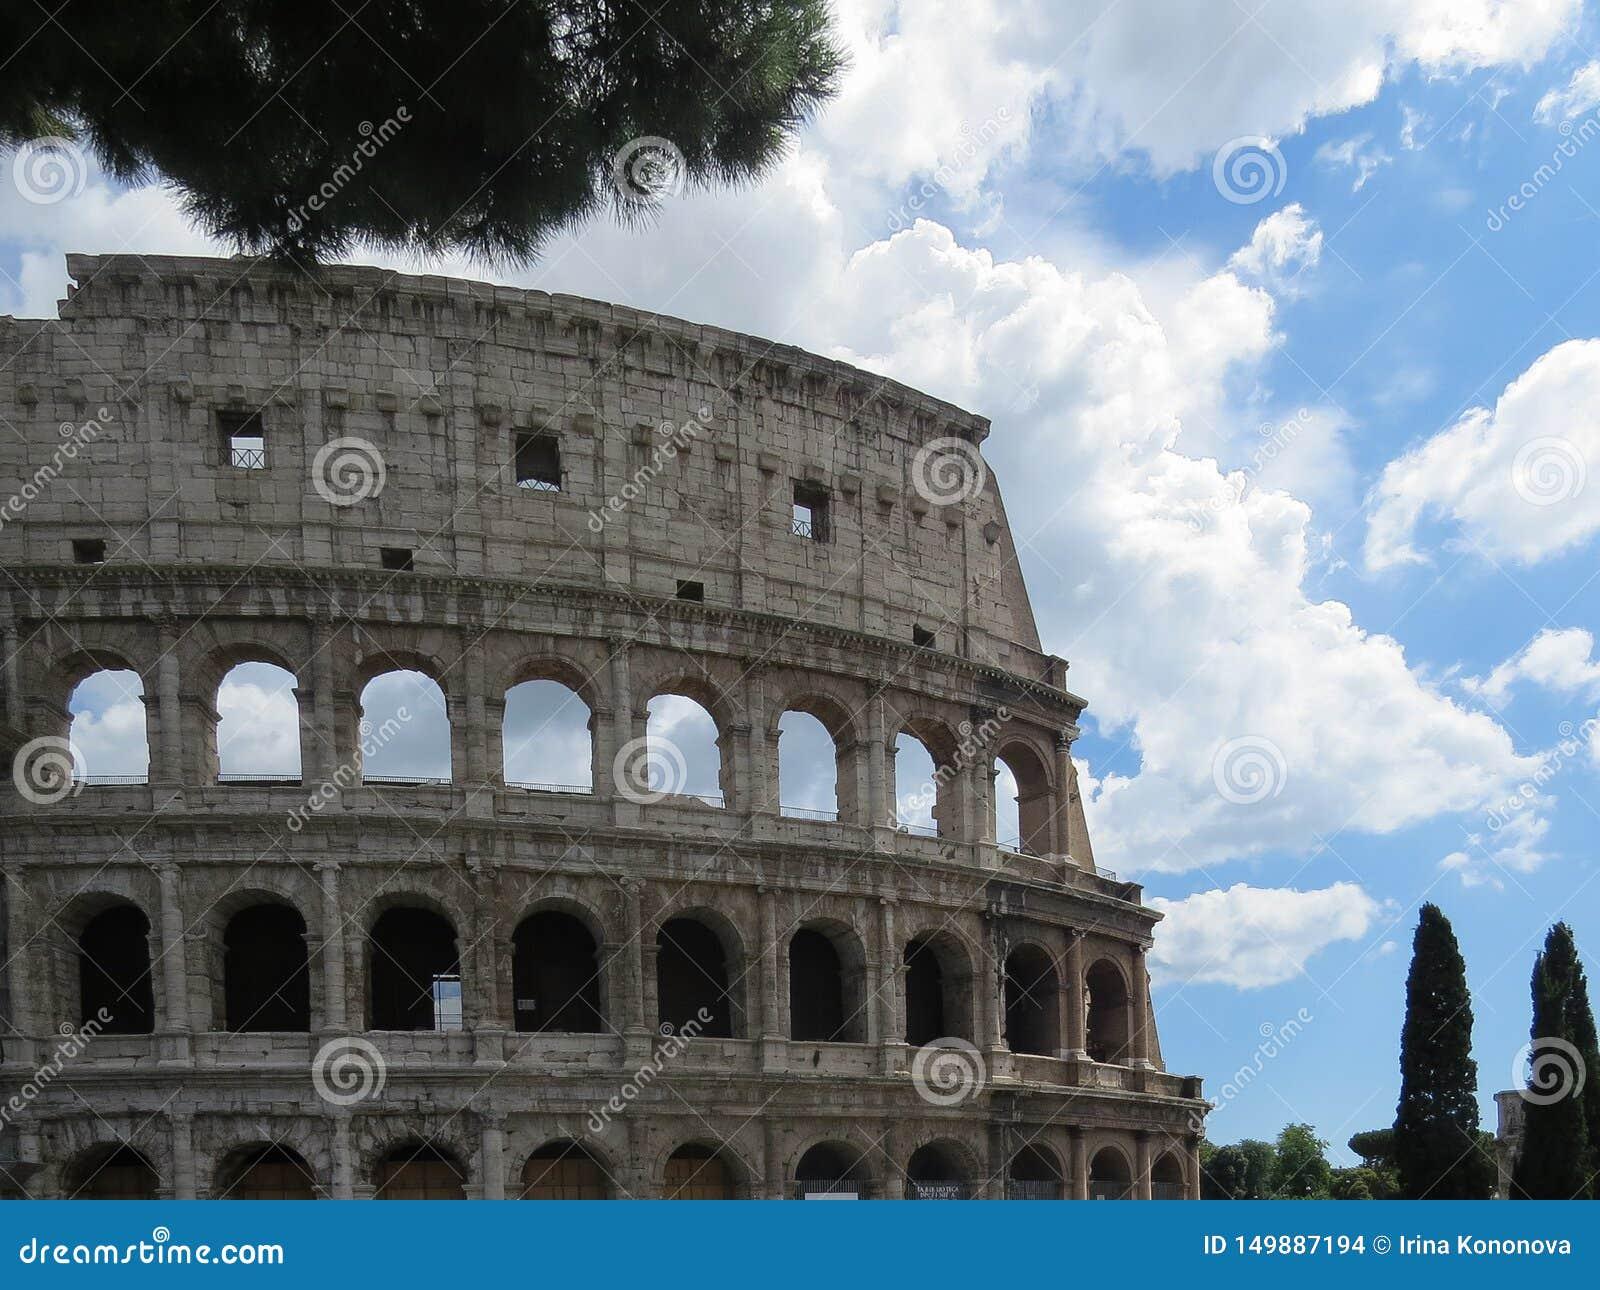 Szczegółowy widok zewnętrzna ściana Colosseum w Rzym przeciw błękitnemu chmurnemu niebu